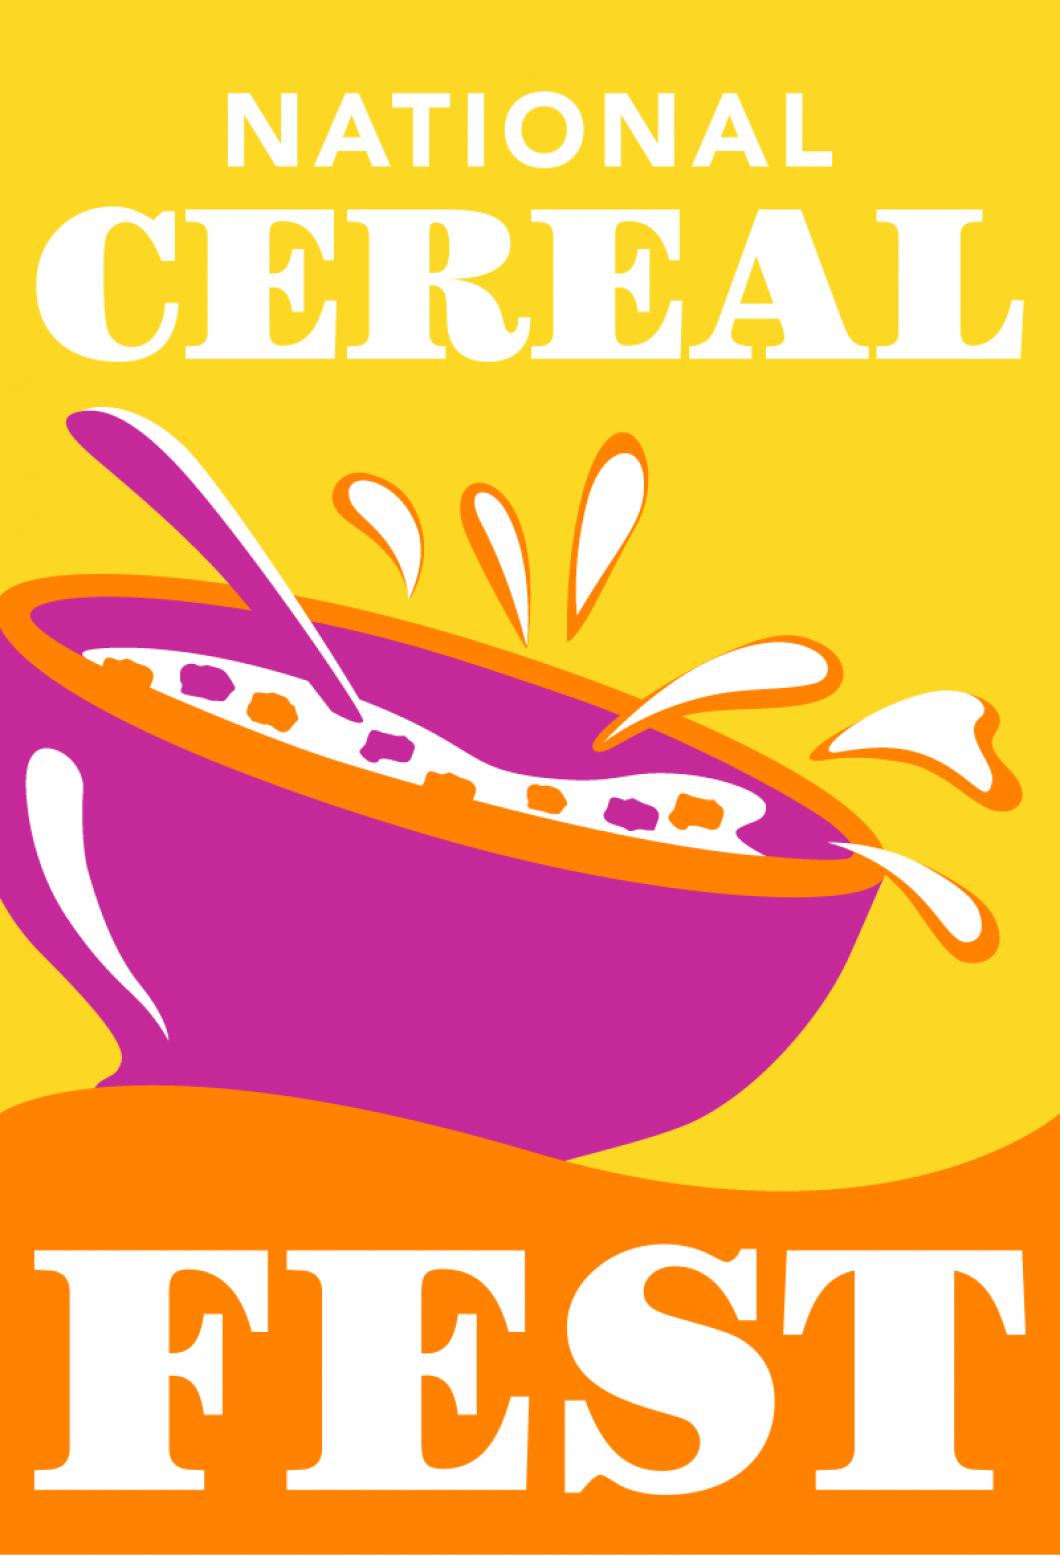 2021 National Cereal Fest